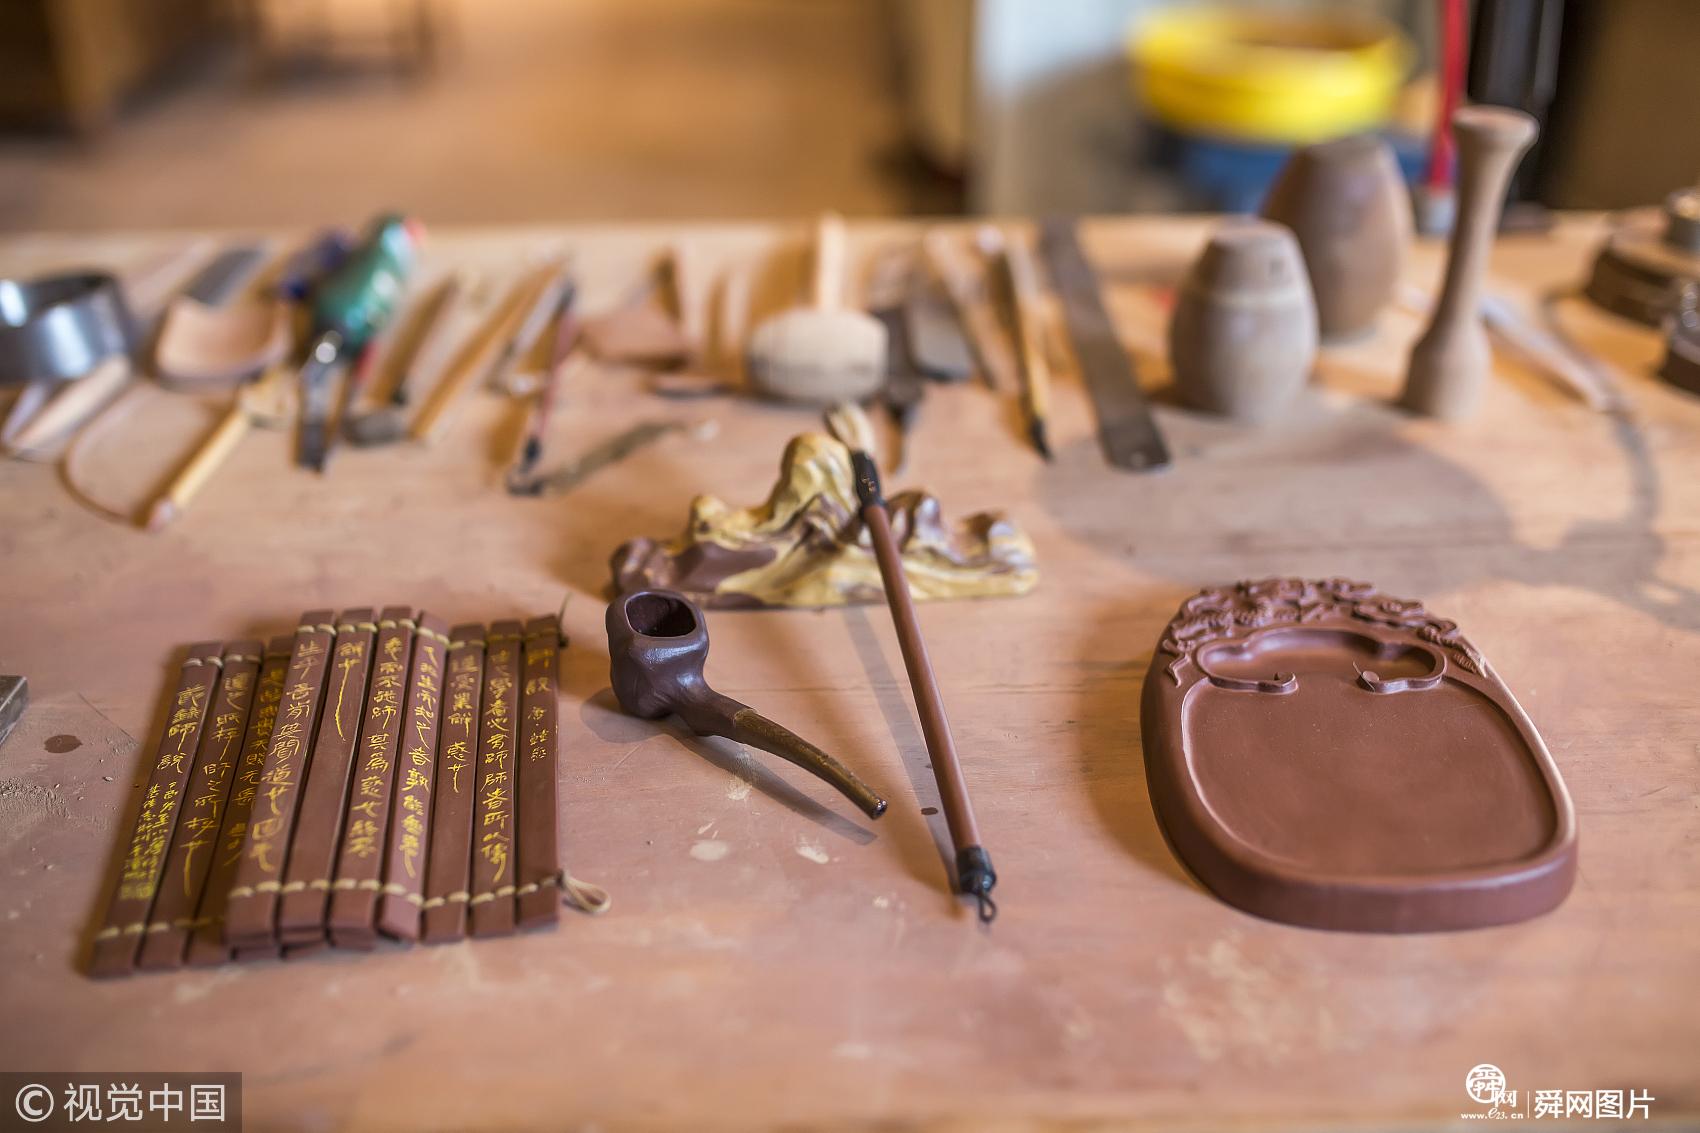 山东滨州男子创作中华传统文化系列紫砂瓶 刻绘甲骨文2606个